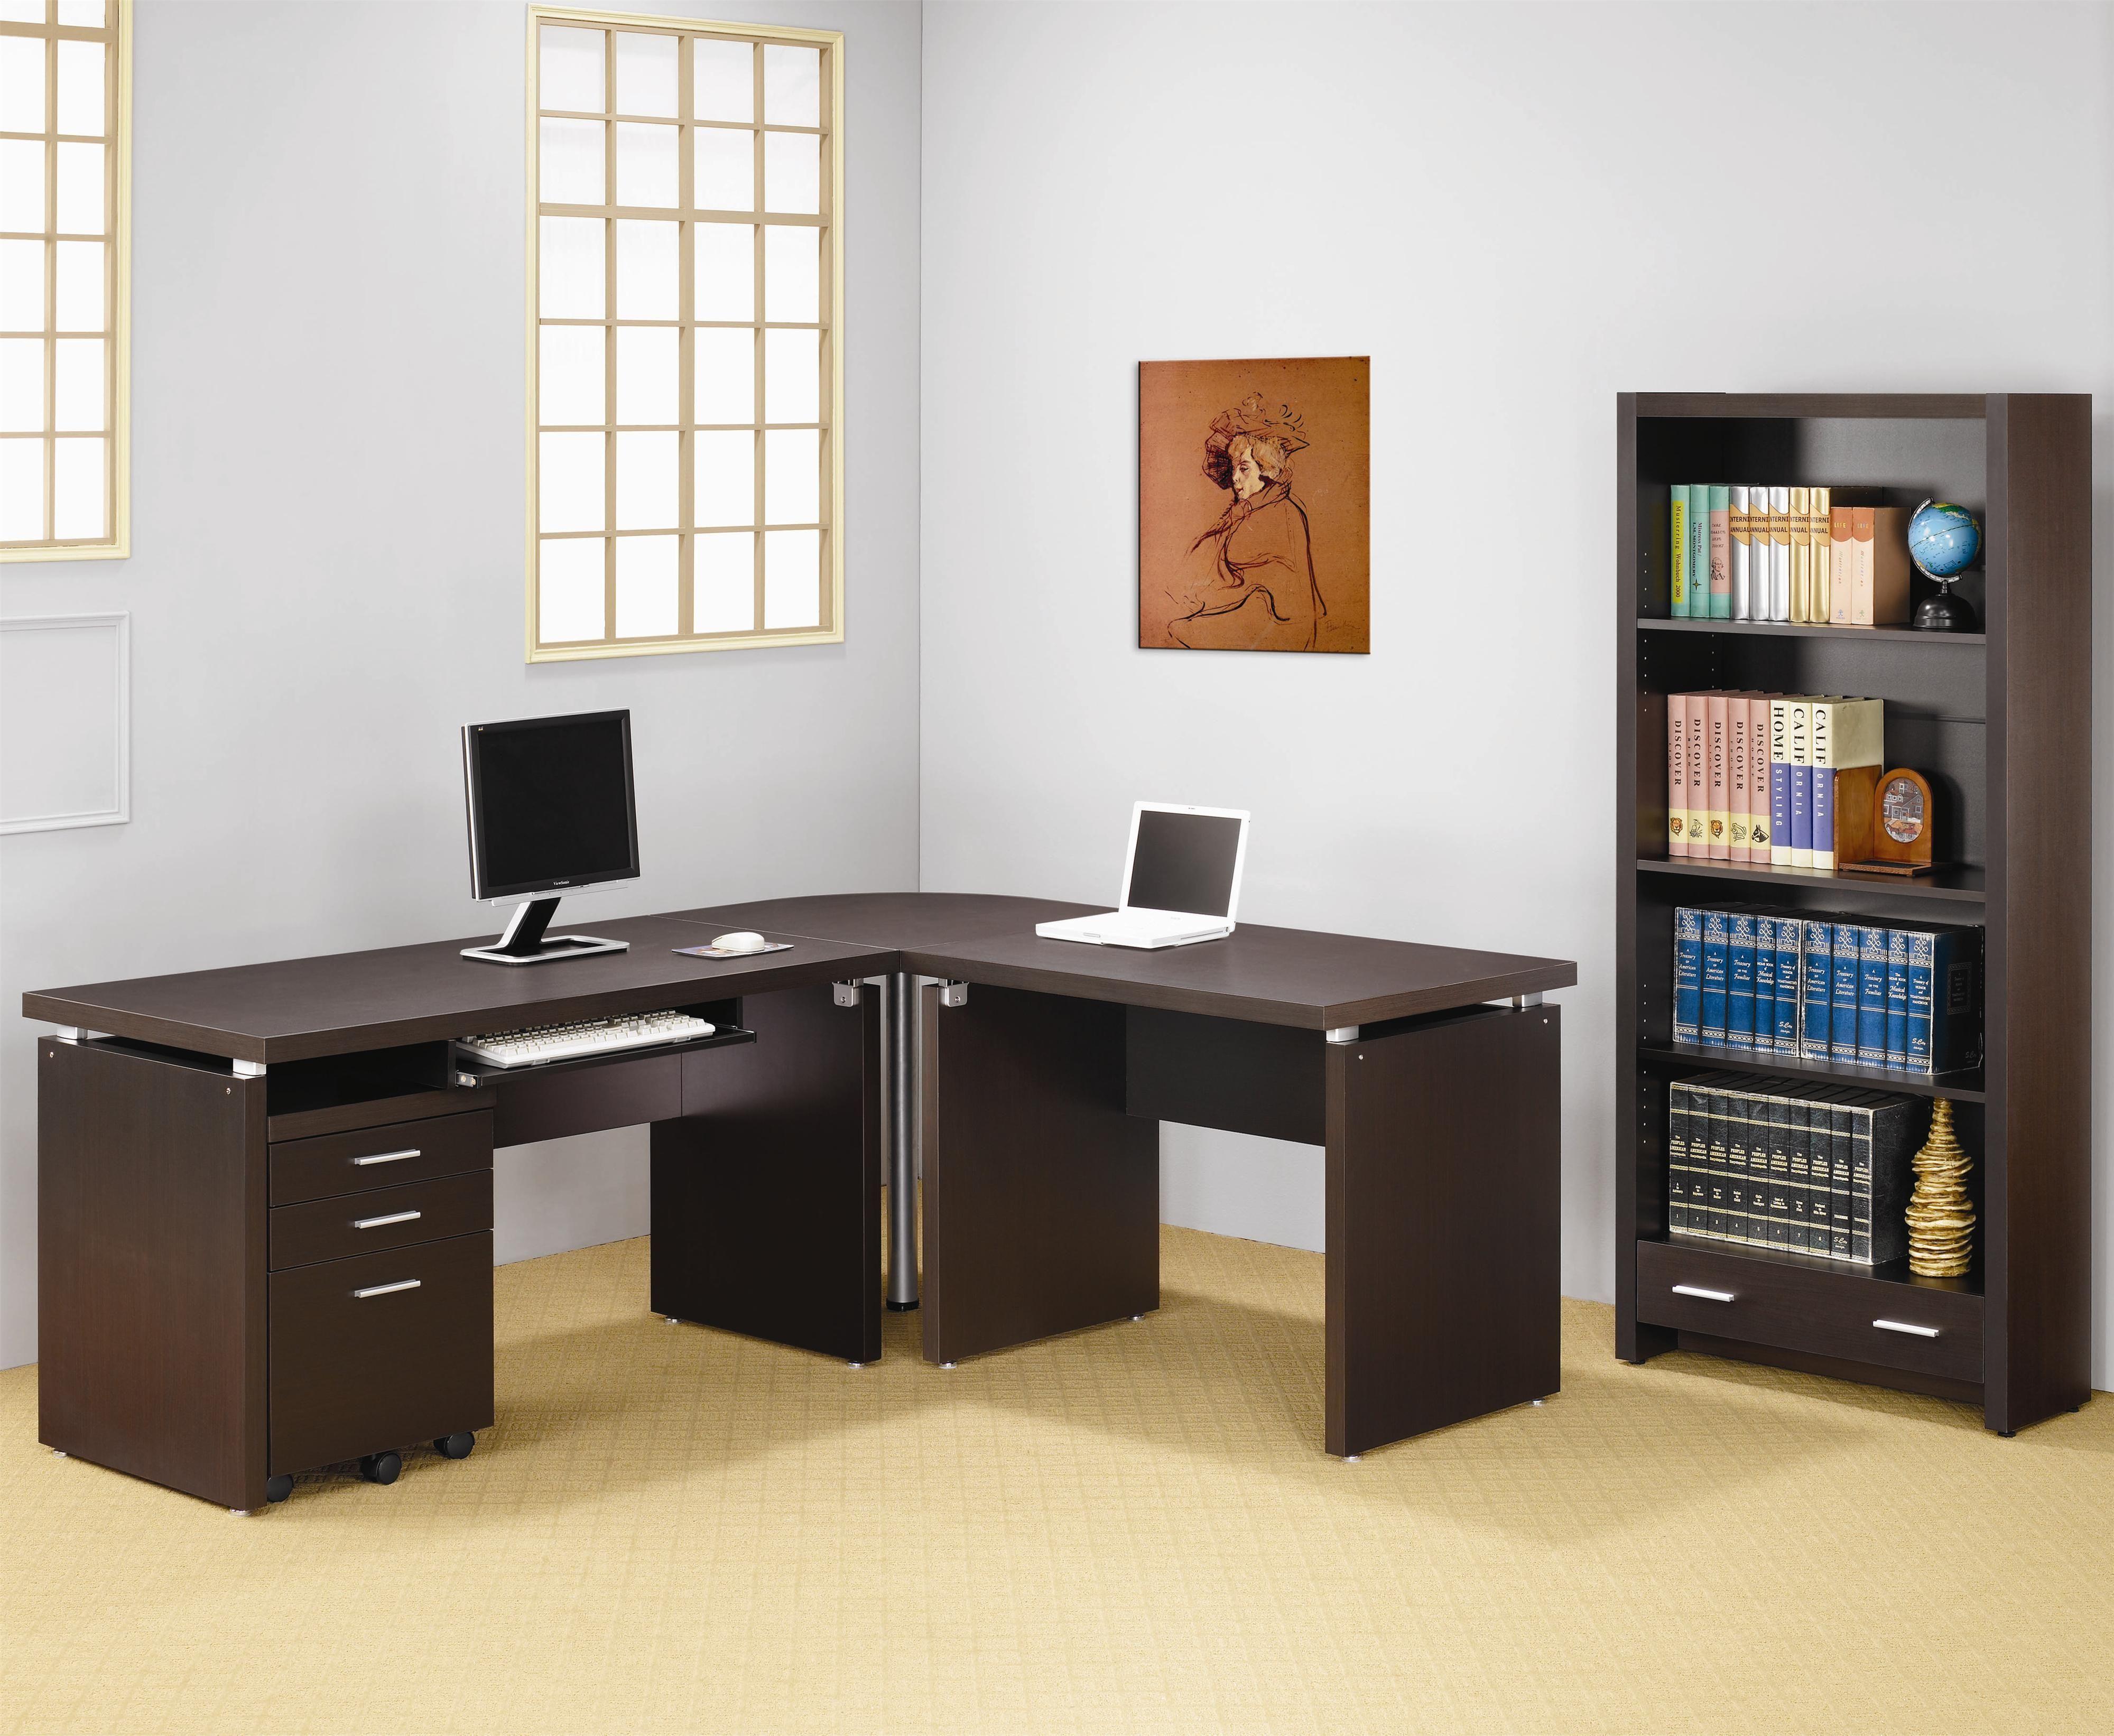 L shaped desk for 2 computers http: devintavern.com pinterest